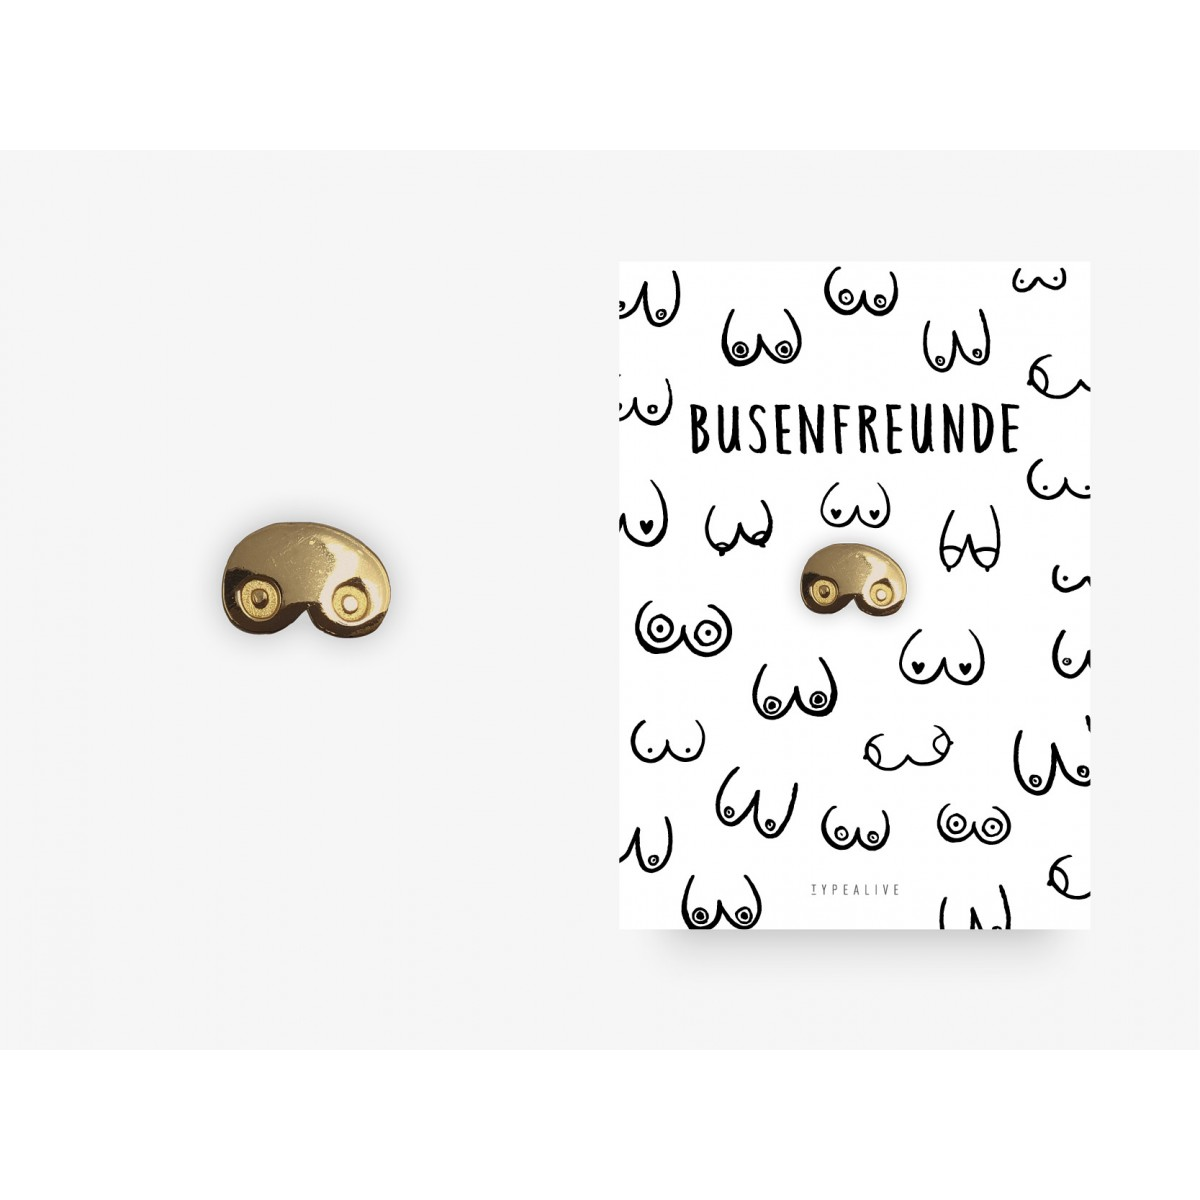 typealive / Pin / Busenfreunde